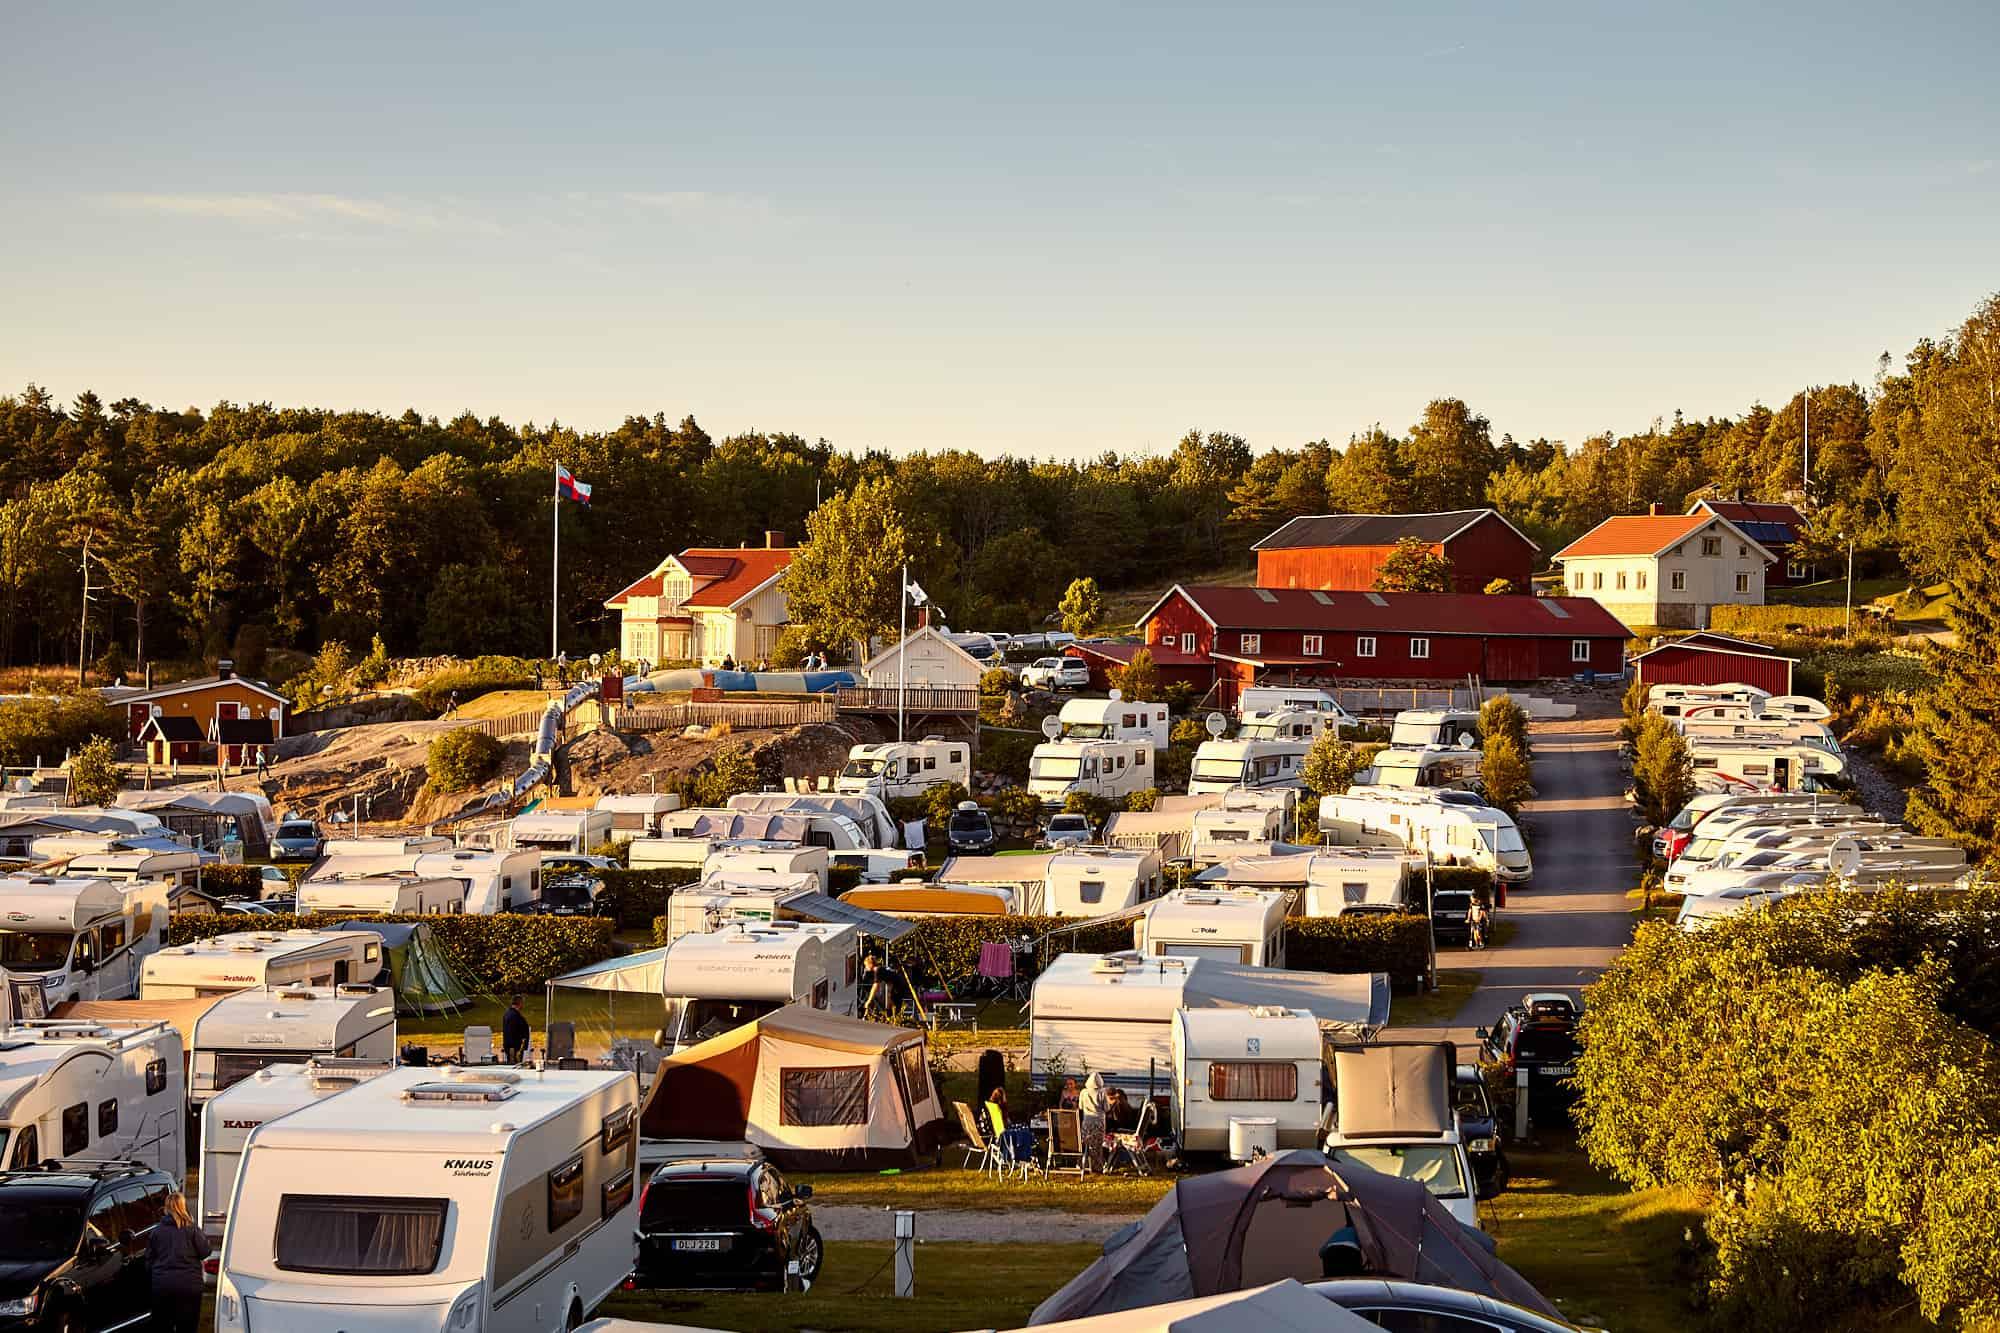 Överblick över Lagunen Camping som ligger i närheten av Strömstad.